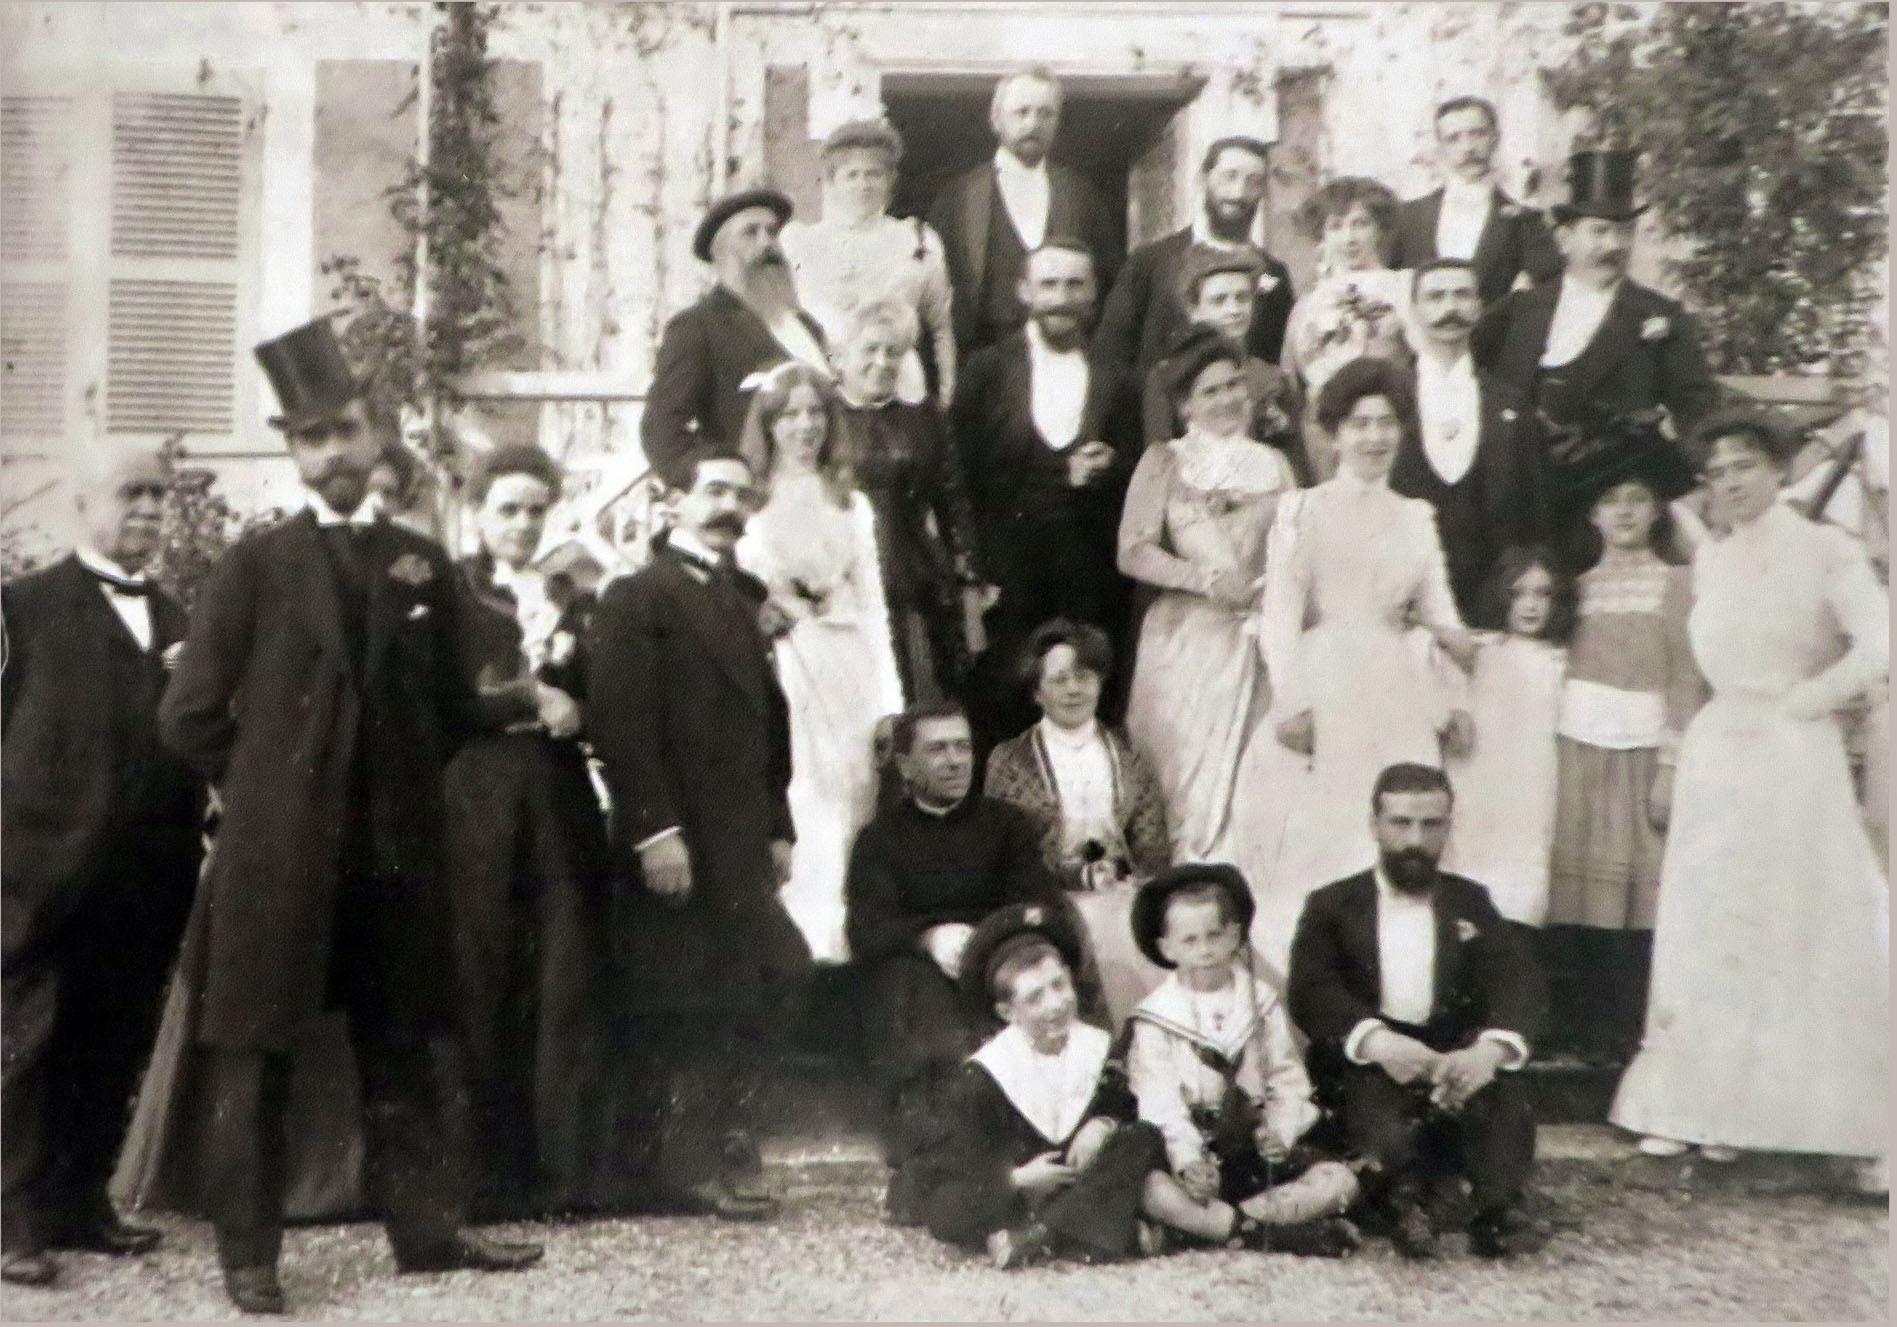 Giverny, 31. Oktober 1900: Die Familie Monet-Hoschedé feiert die Hochzeit zwischen Marthe Hoschedé und Théodore Butler. Claude Monet steht links auf der Treppe | Foto via Flickr